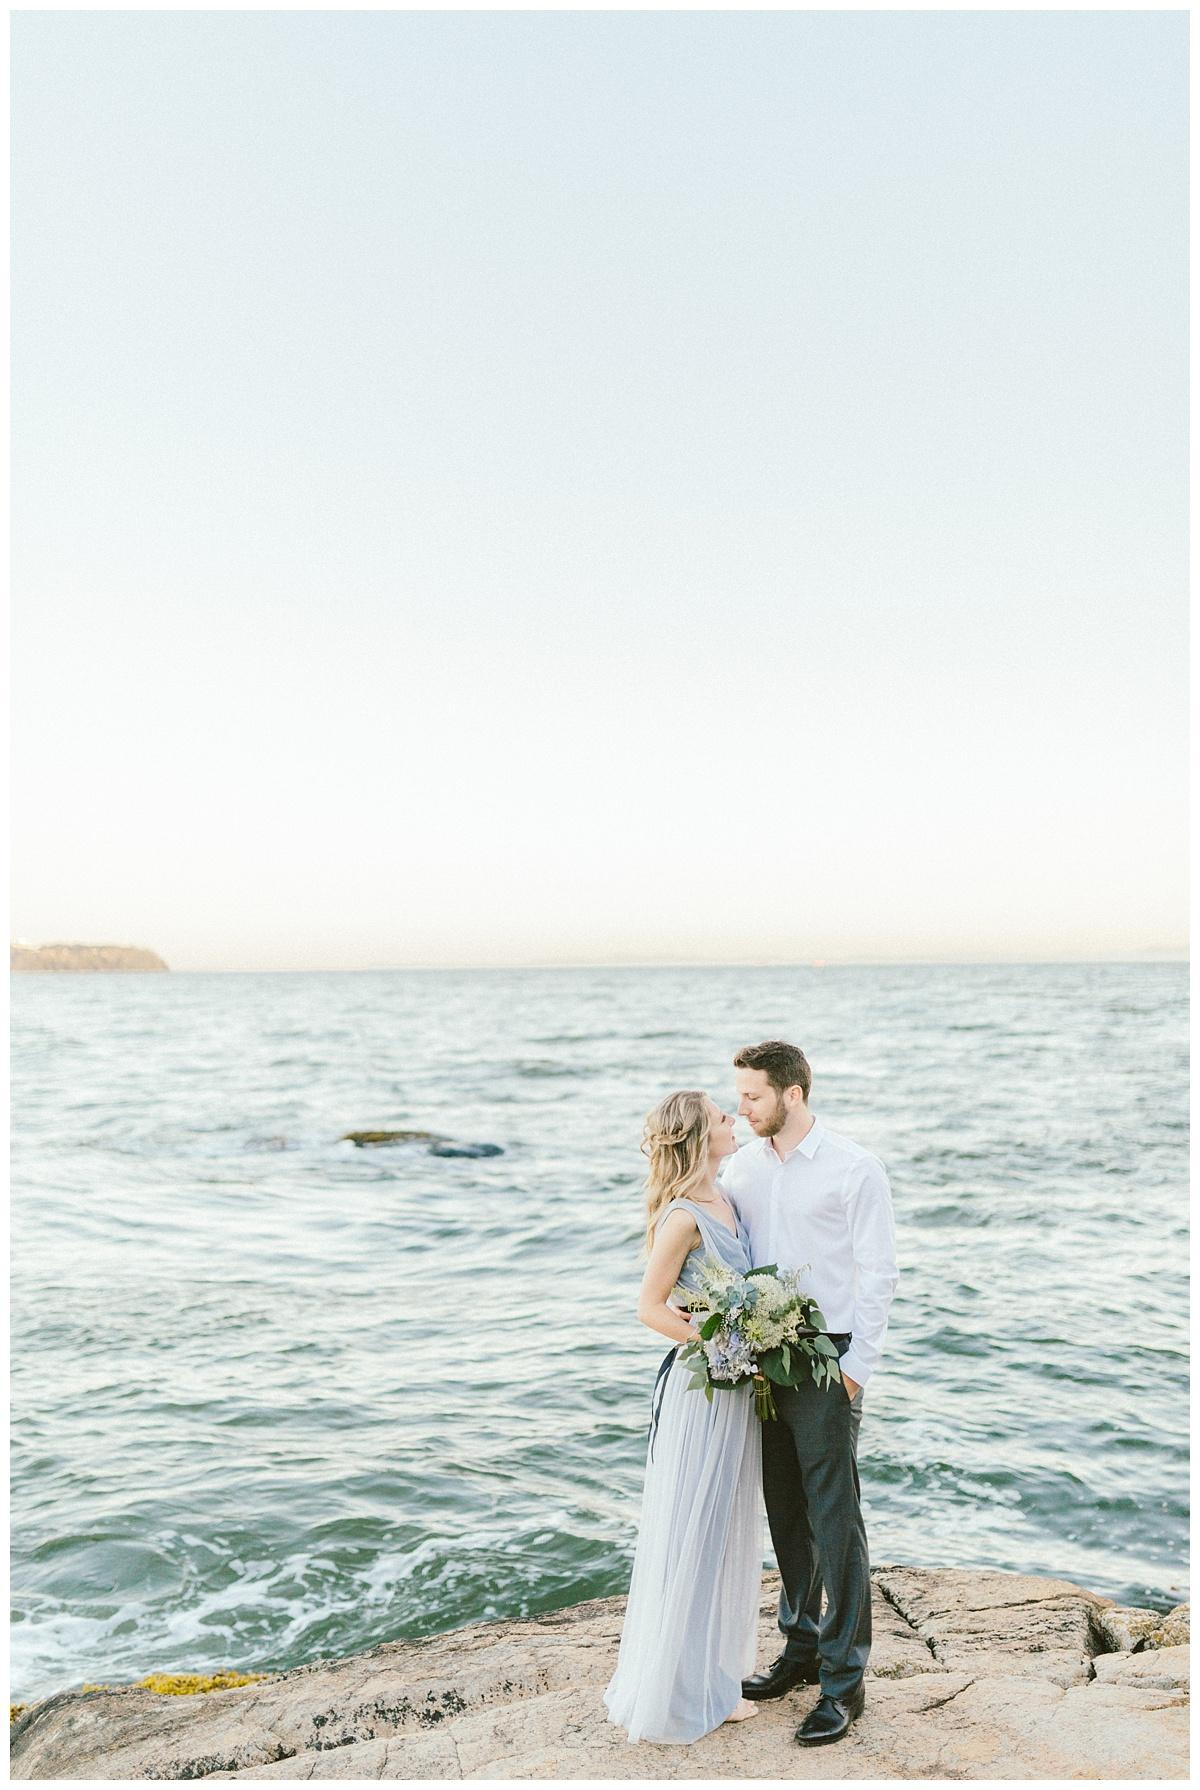 Hong Kong Fine Art Wedding Prewedding Photographer Mattie C. 00026.jpg